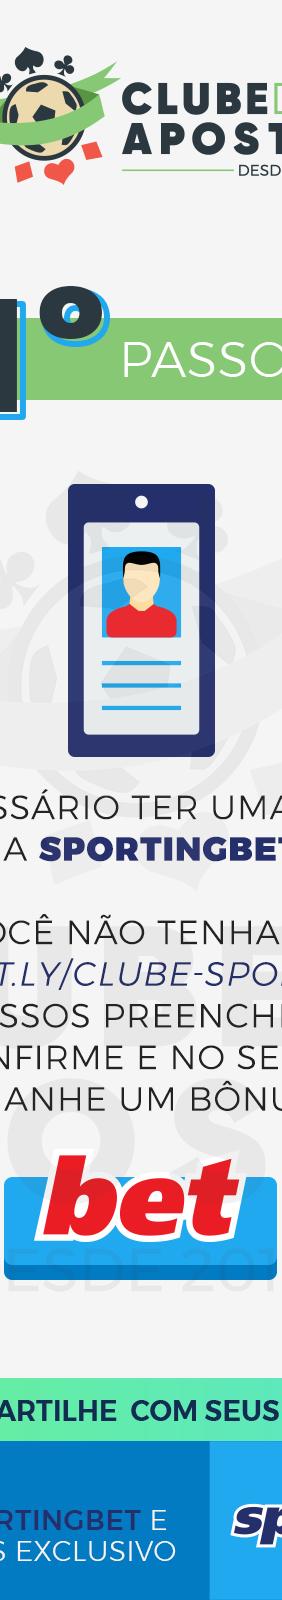 01-como-apostar-na-sportingbet-em-6-passos